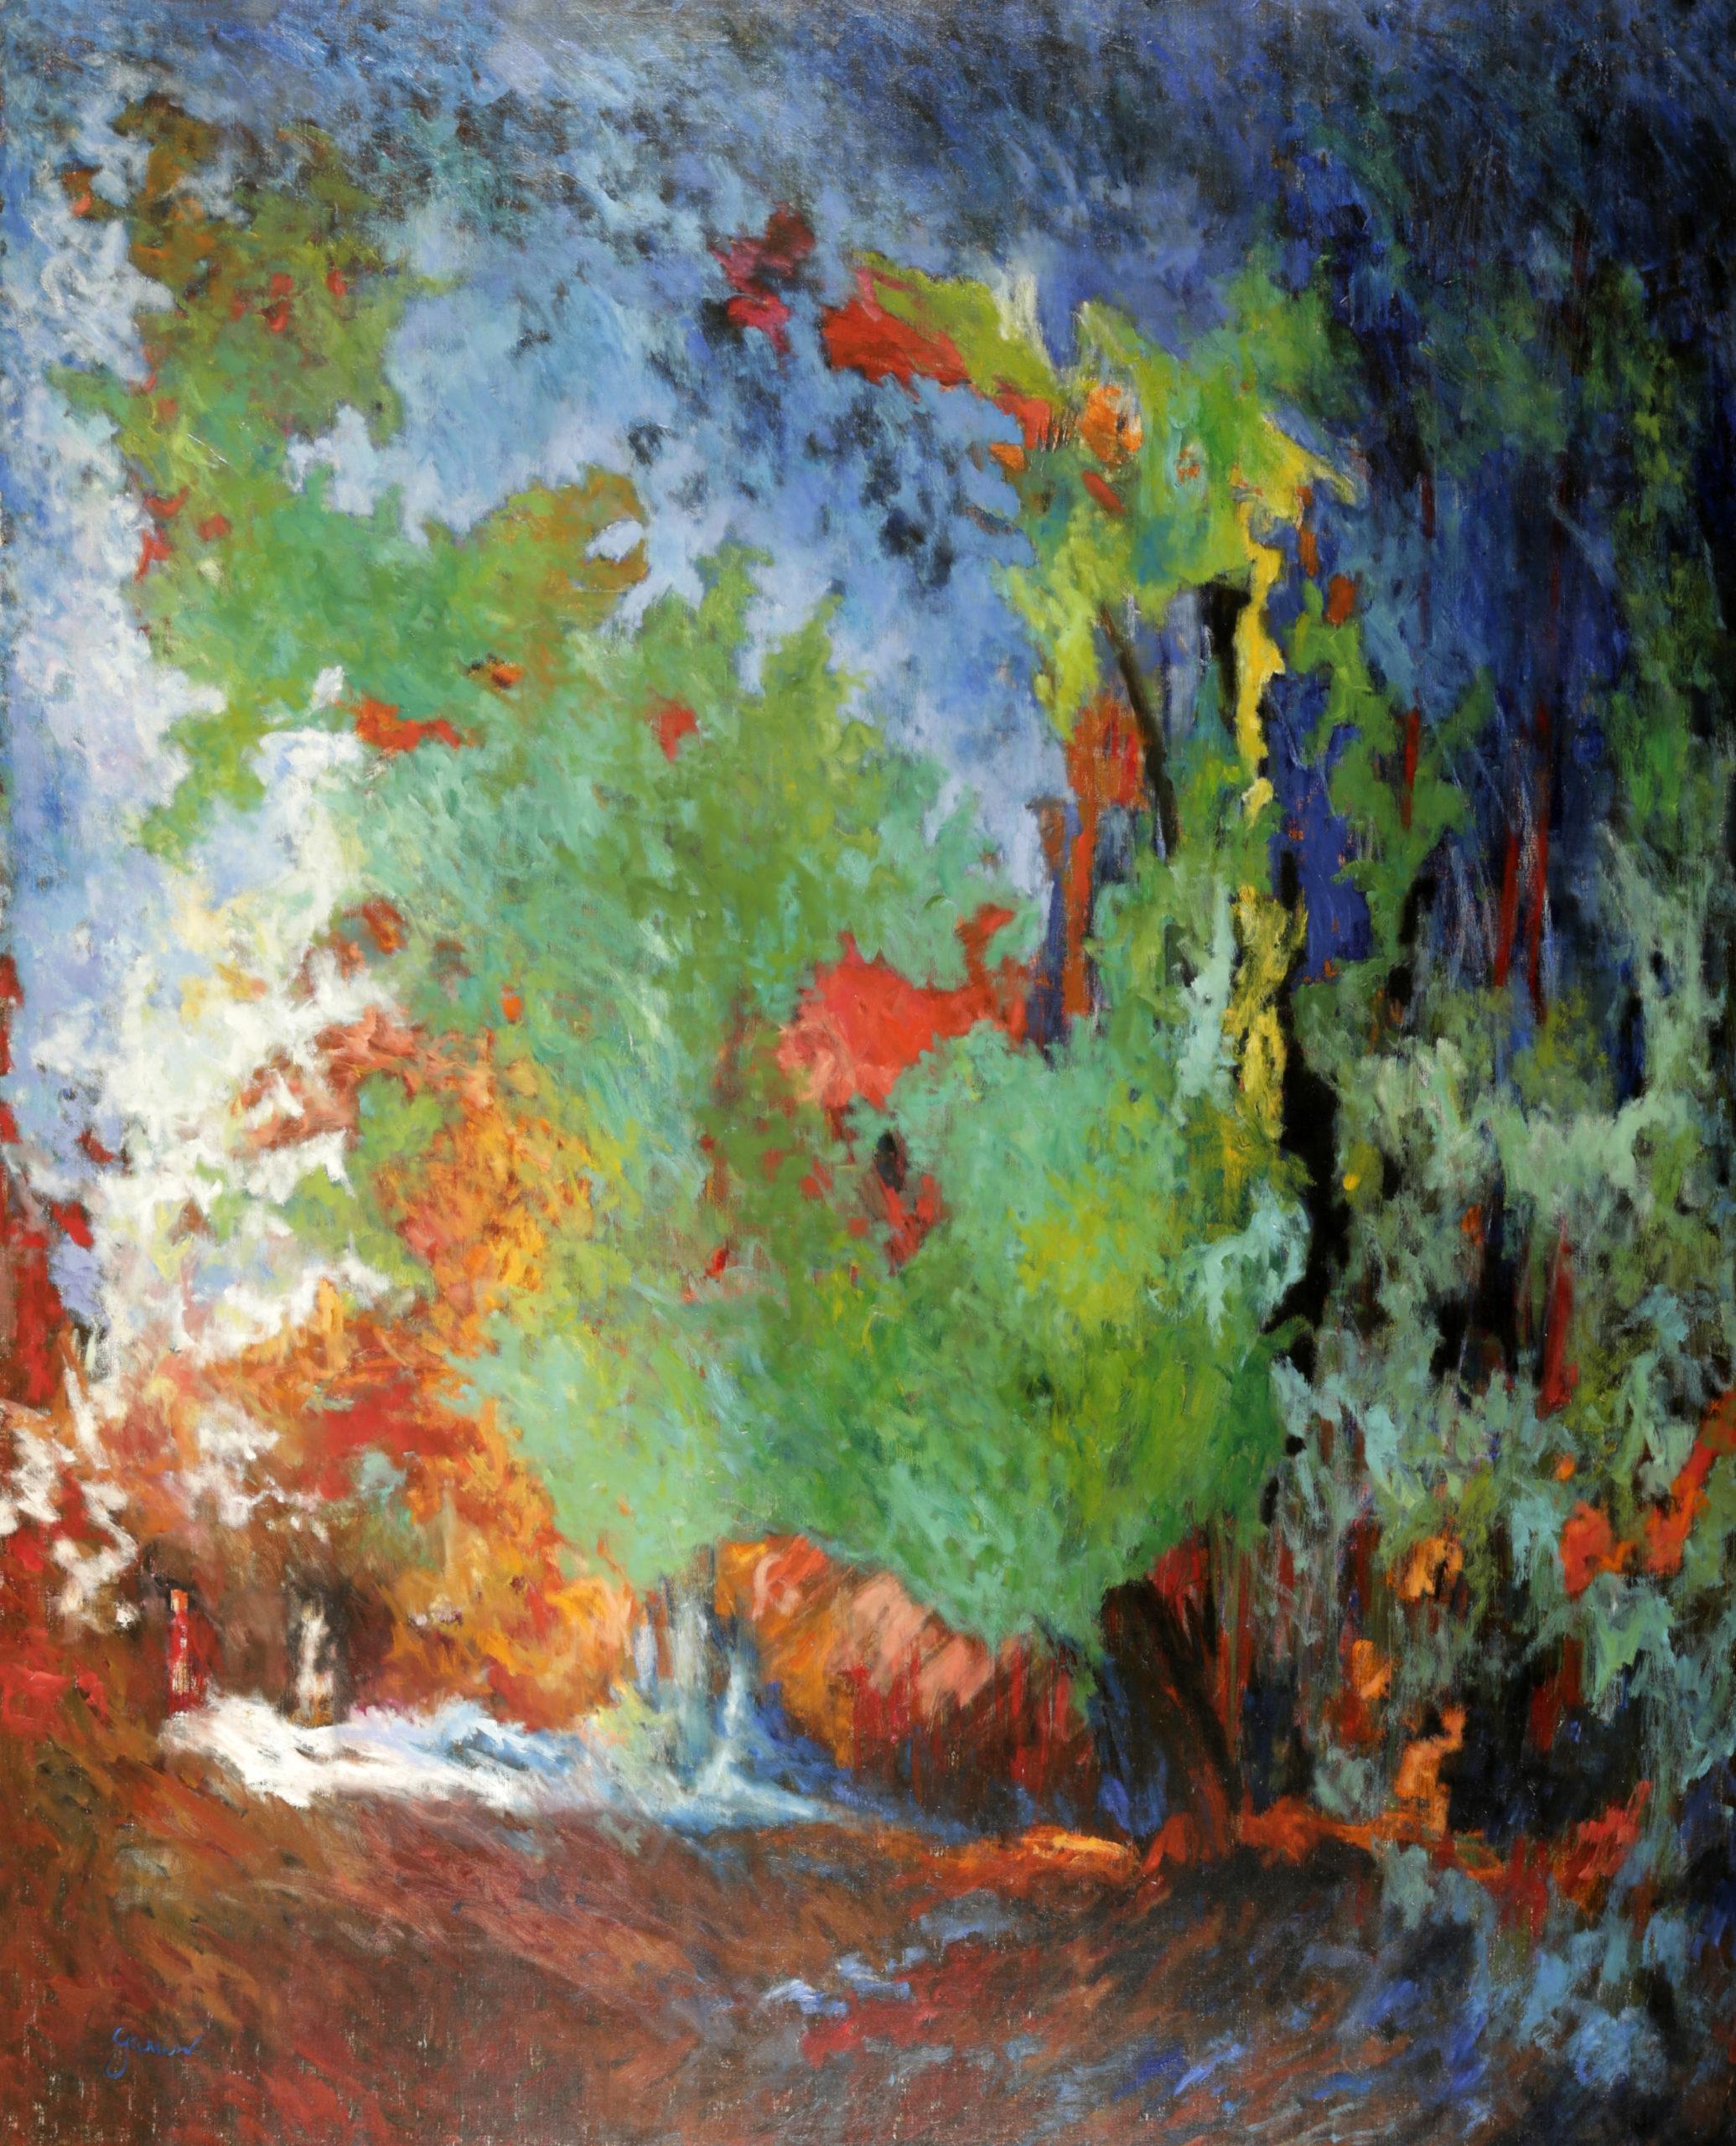 La forêt au poisson rouge, 1993, huile sur toile, 162 X 130 cm